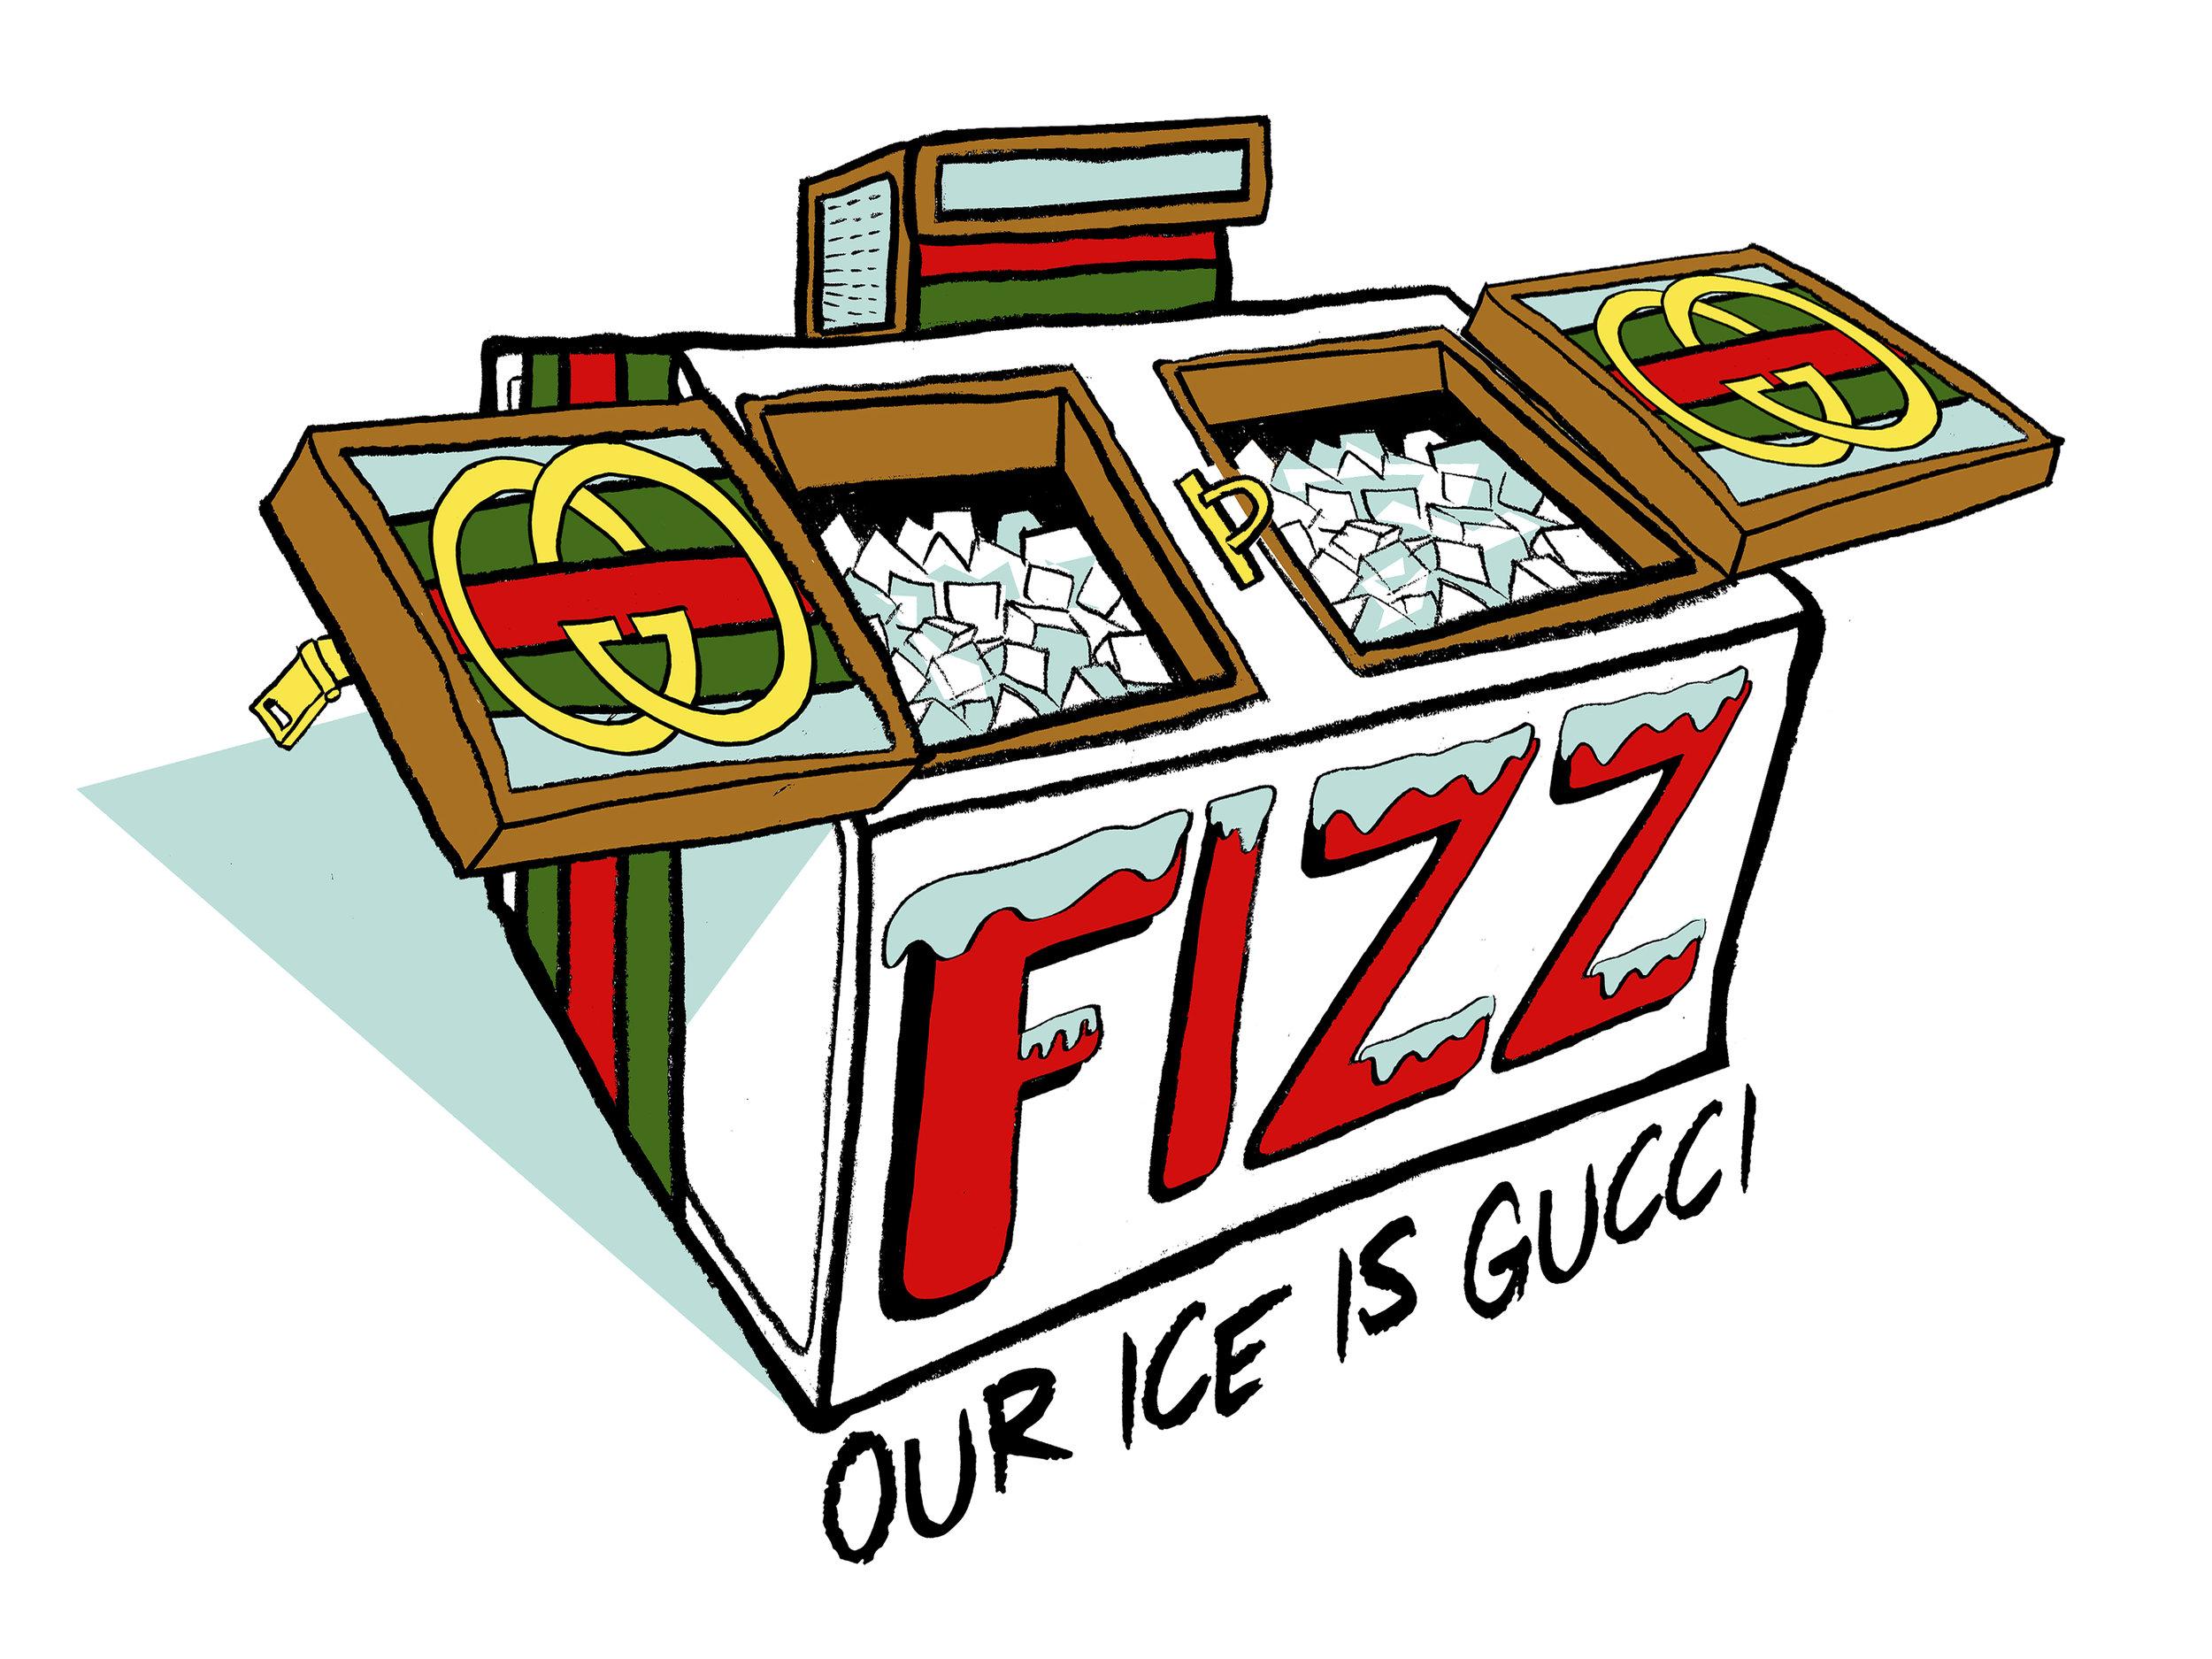 FIZZ-GUCCI-FINAL-FREEZER.jpg